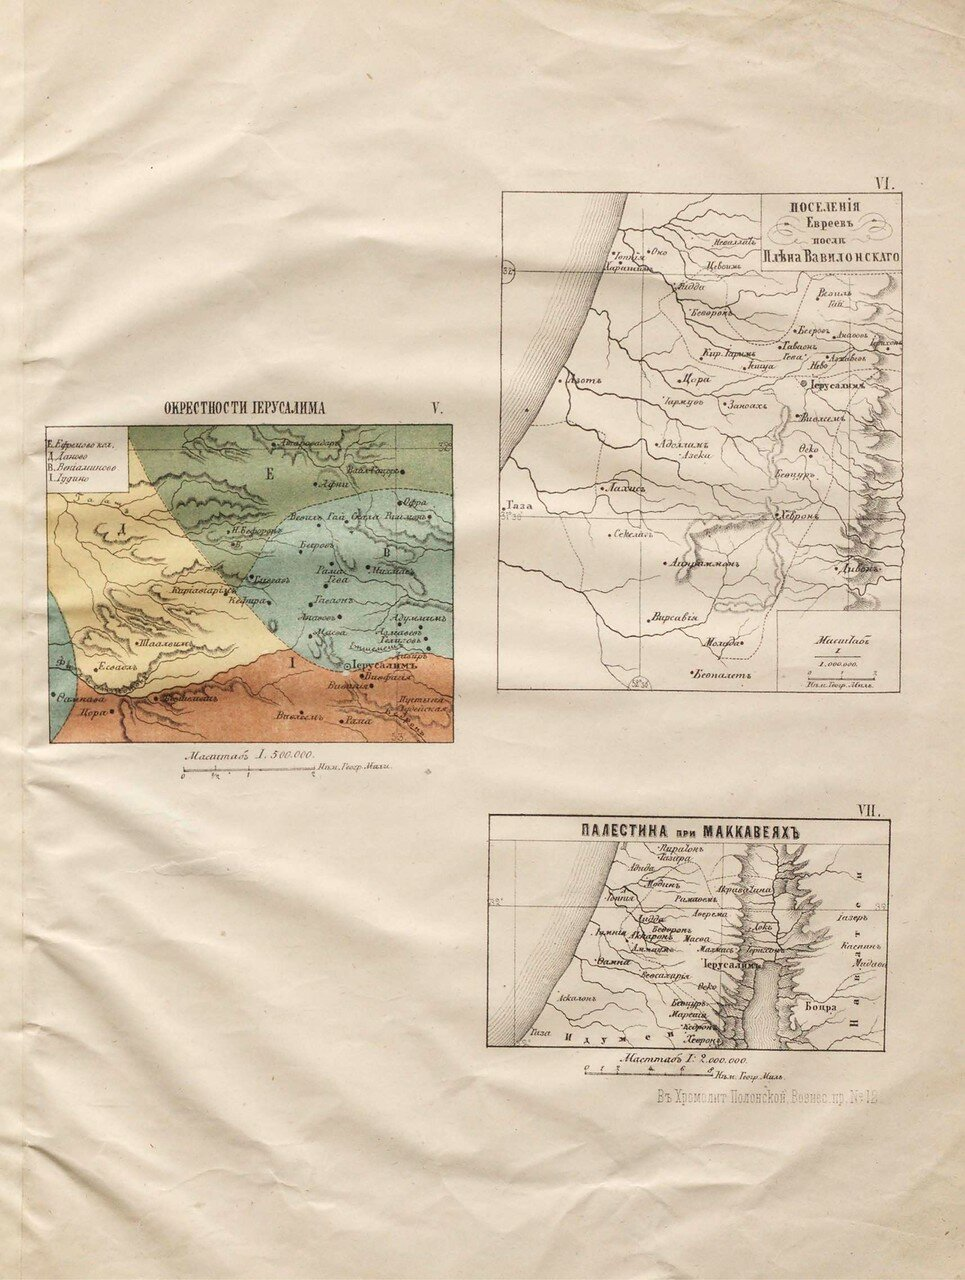 05. Поселения евреев после Плена Вавилонского. Палестина при Маккавеях. Окрестности Иерусалима